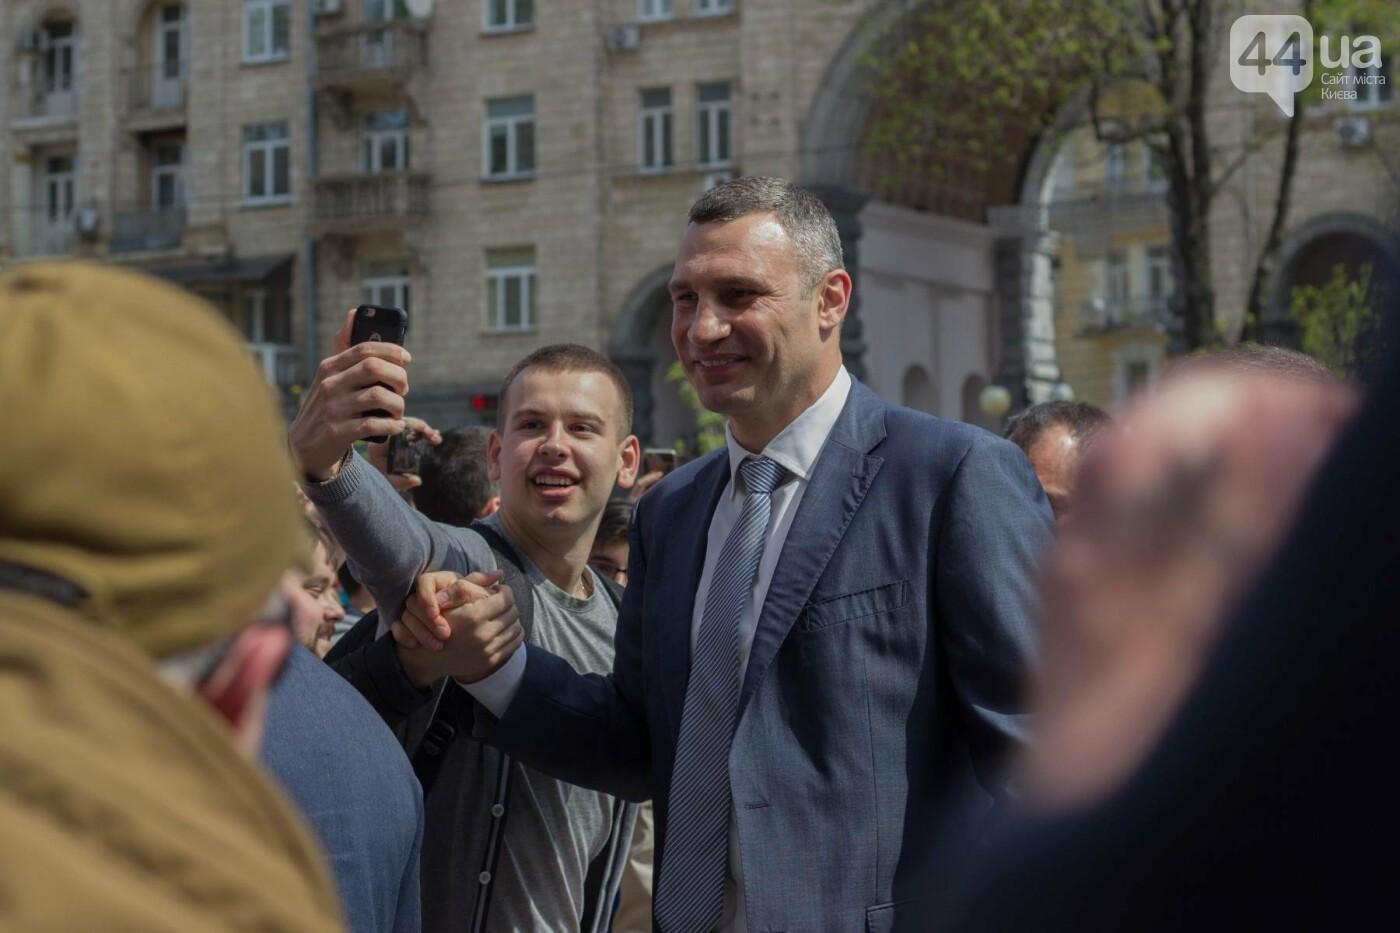 Кубок Лиги чемпионов УЕФА прибыл в Киев, фото-10